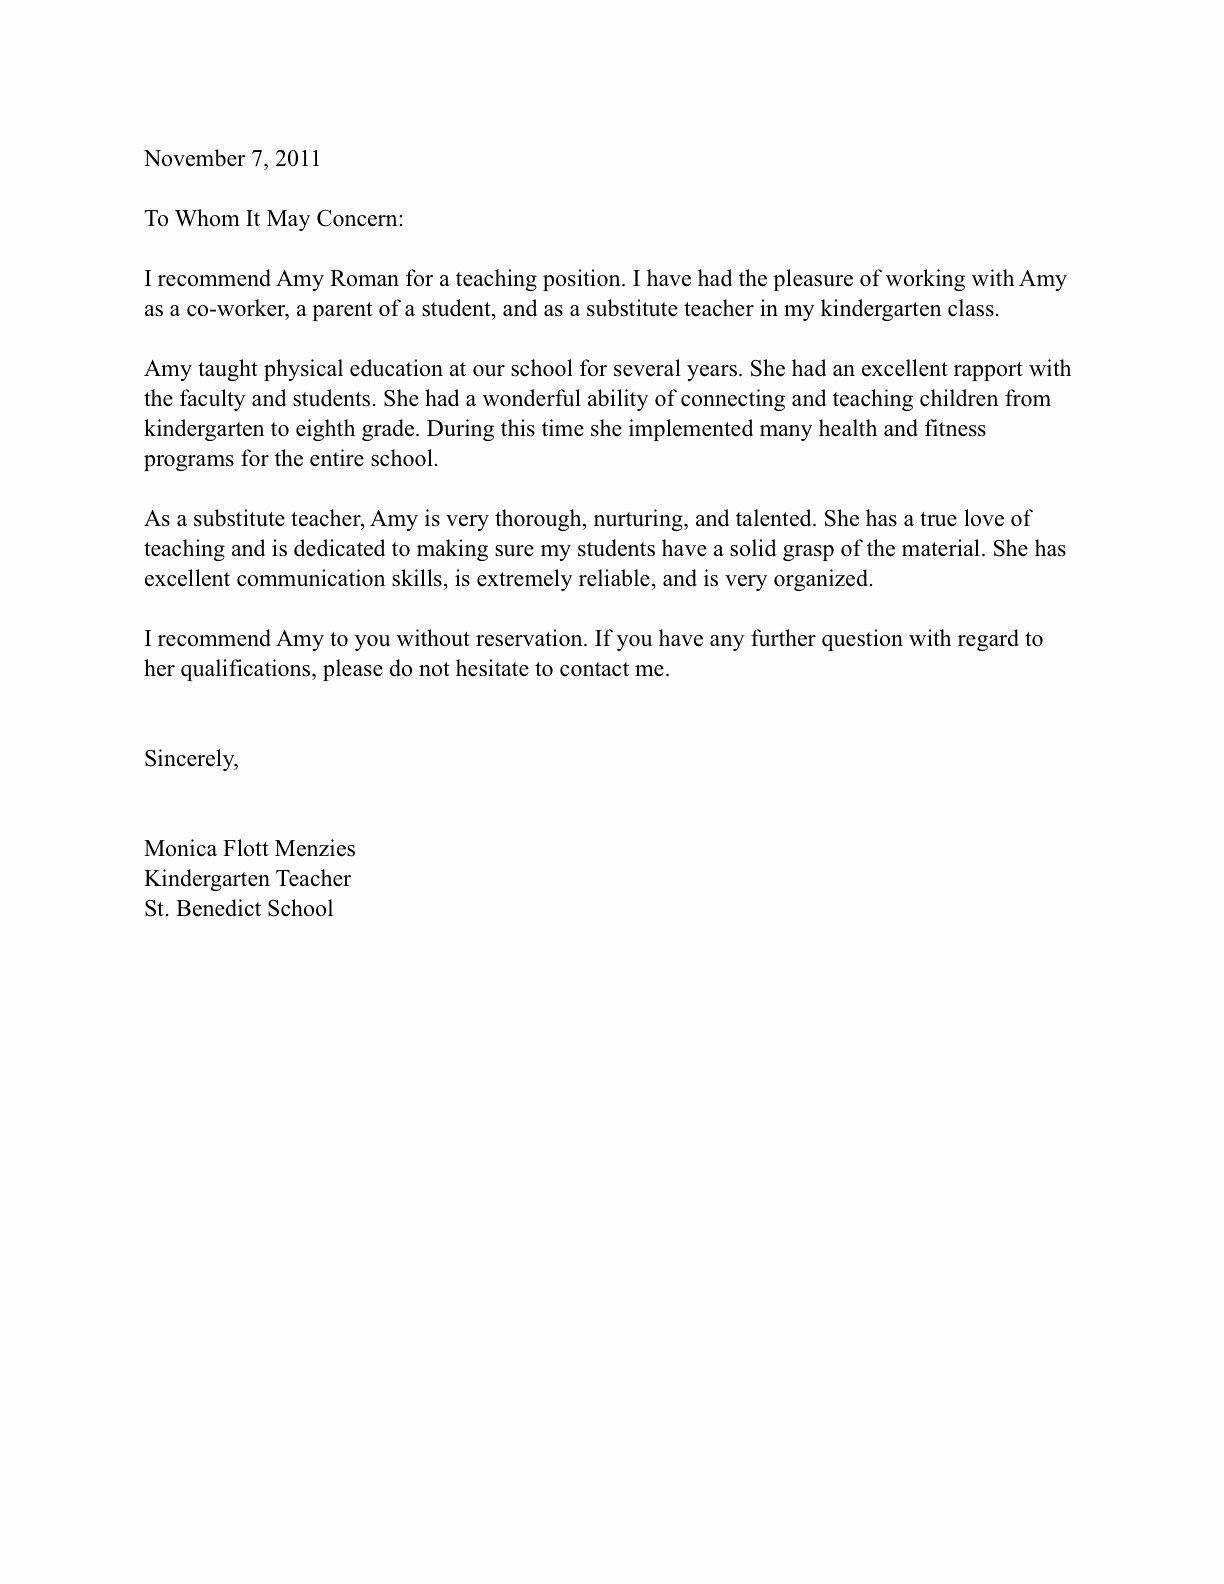 Daycare Letter Of Recommendation Lovely Letter Re Mendation for Preschool Teacher